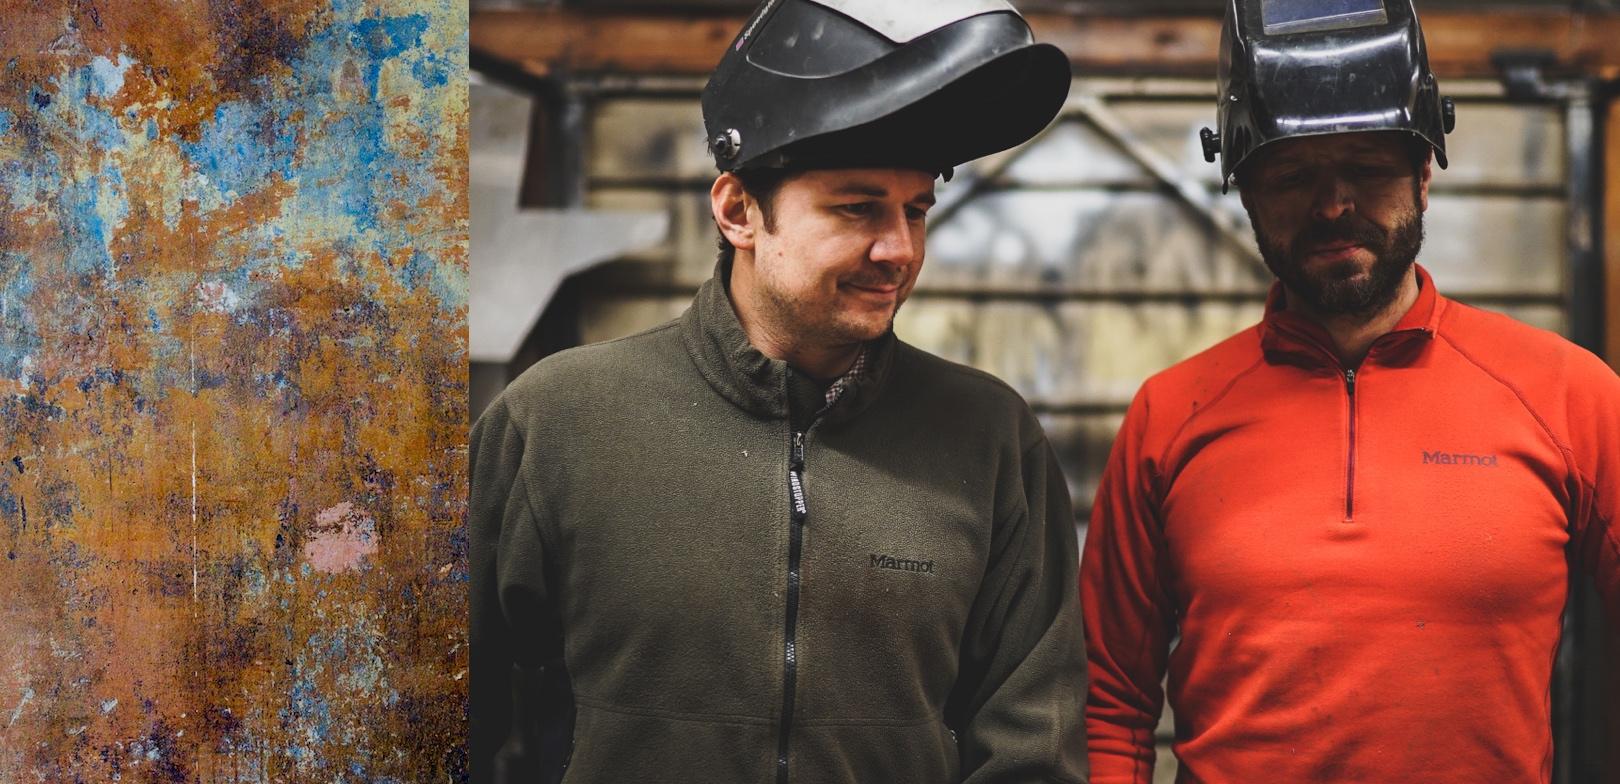 Nick Pontarolo & Ryan Ricard - FABRICATE. METAL. EMPOWER.